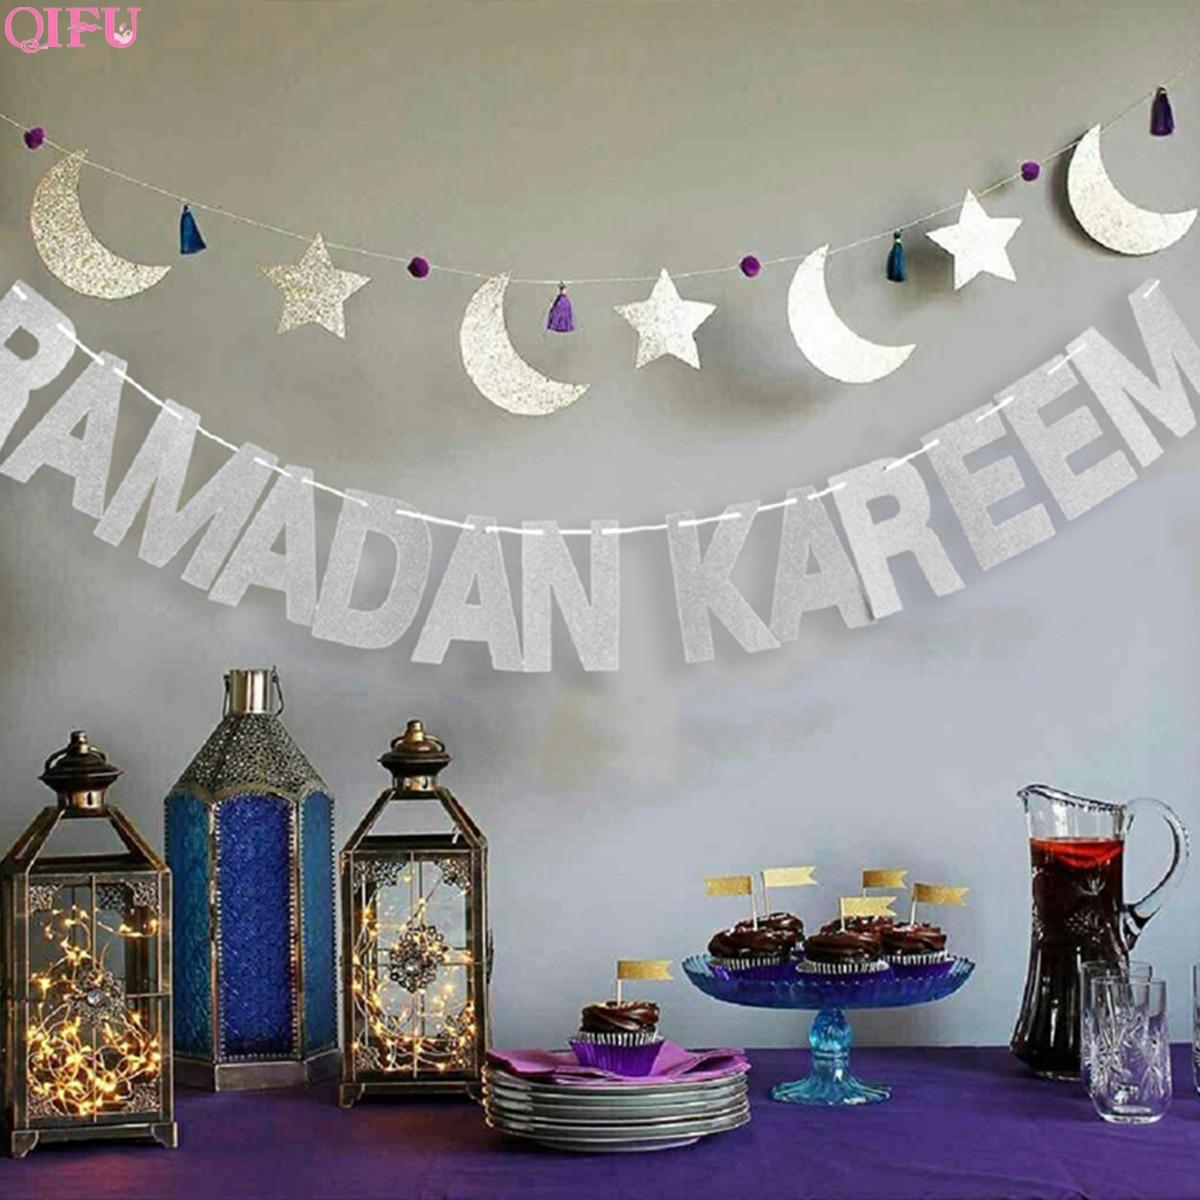 Balões Decoração Decorações Ramadan E Eid Eid Bjd Decoração Banner Papel RAMADAN MUBARAK MUBARAK Ramadã Muçulmano Eid Mubarak Decor